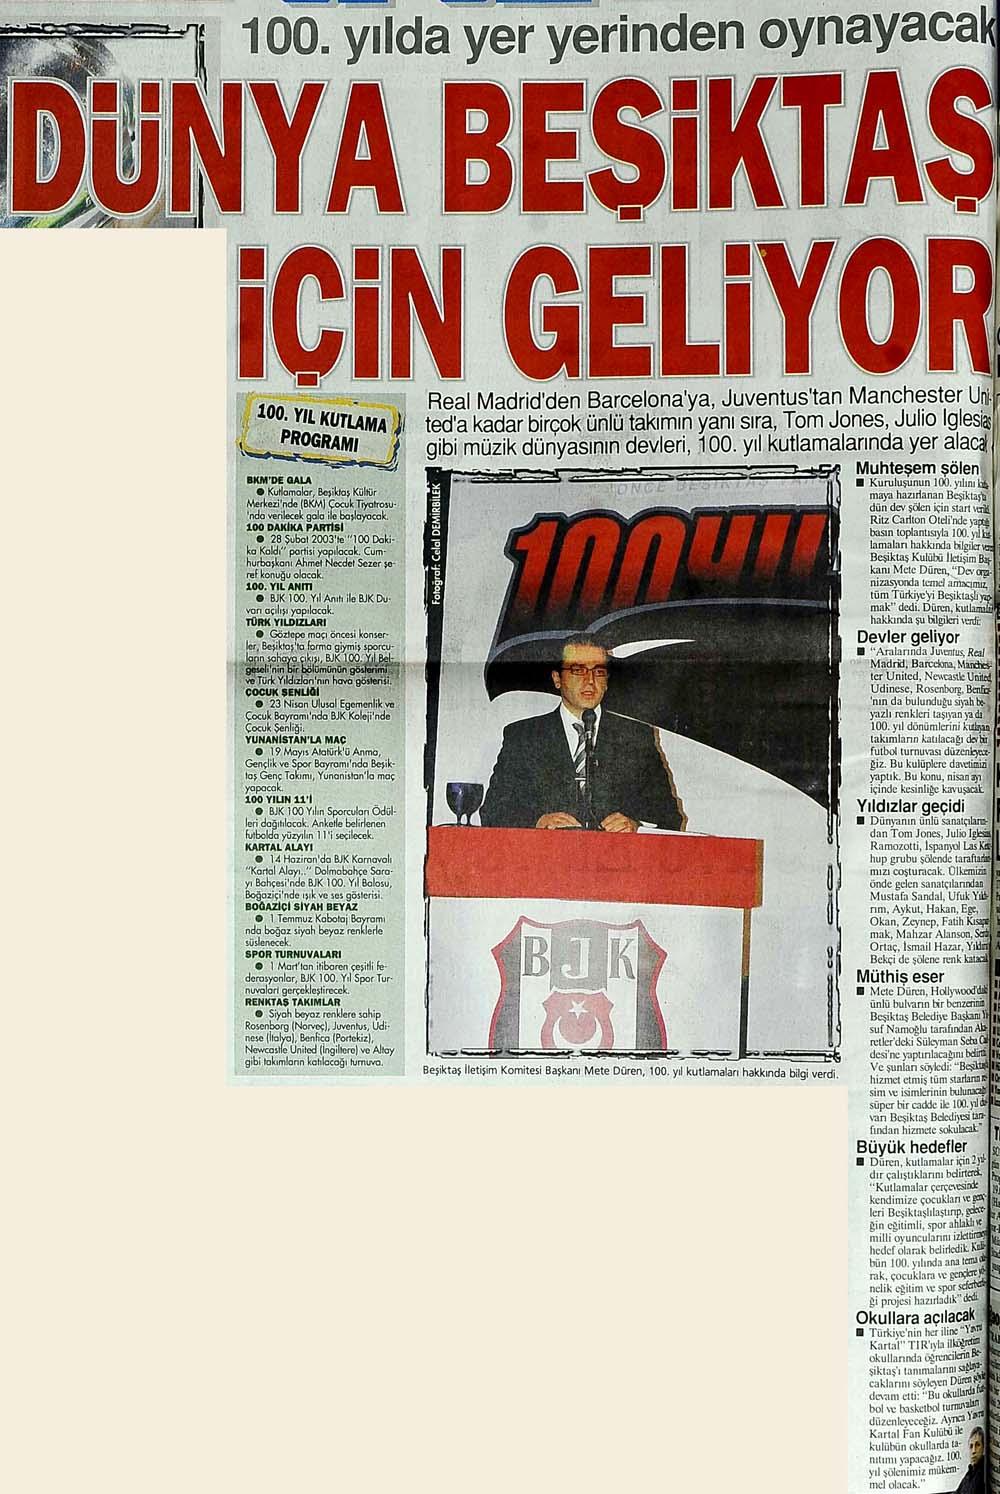 Dünya Beşiktaş için geliyor